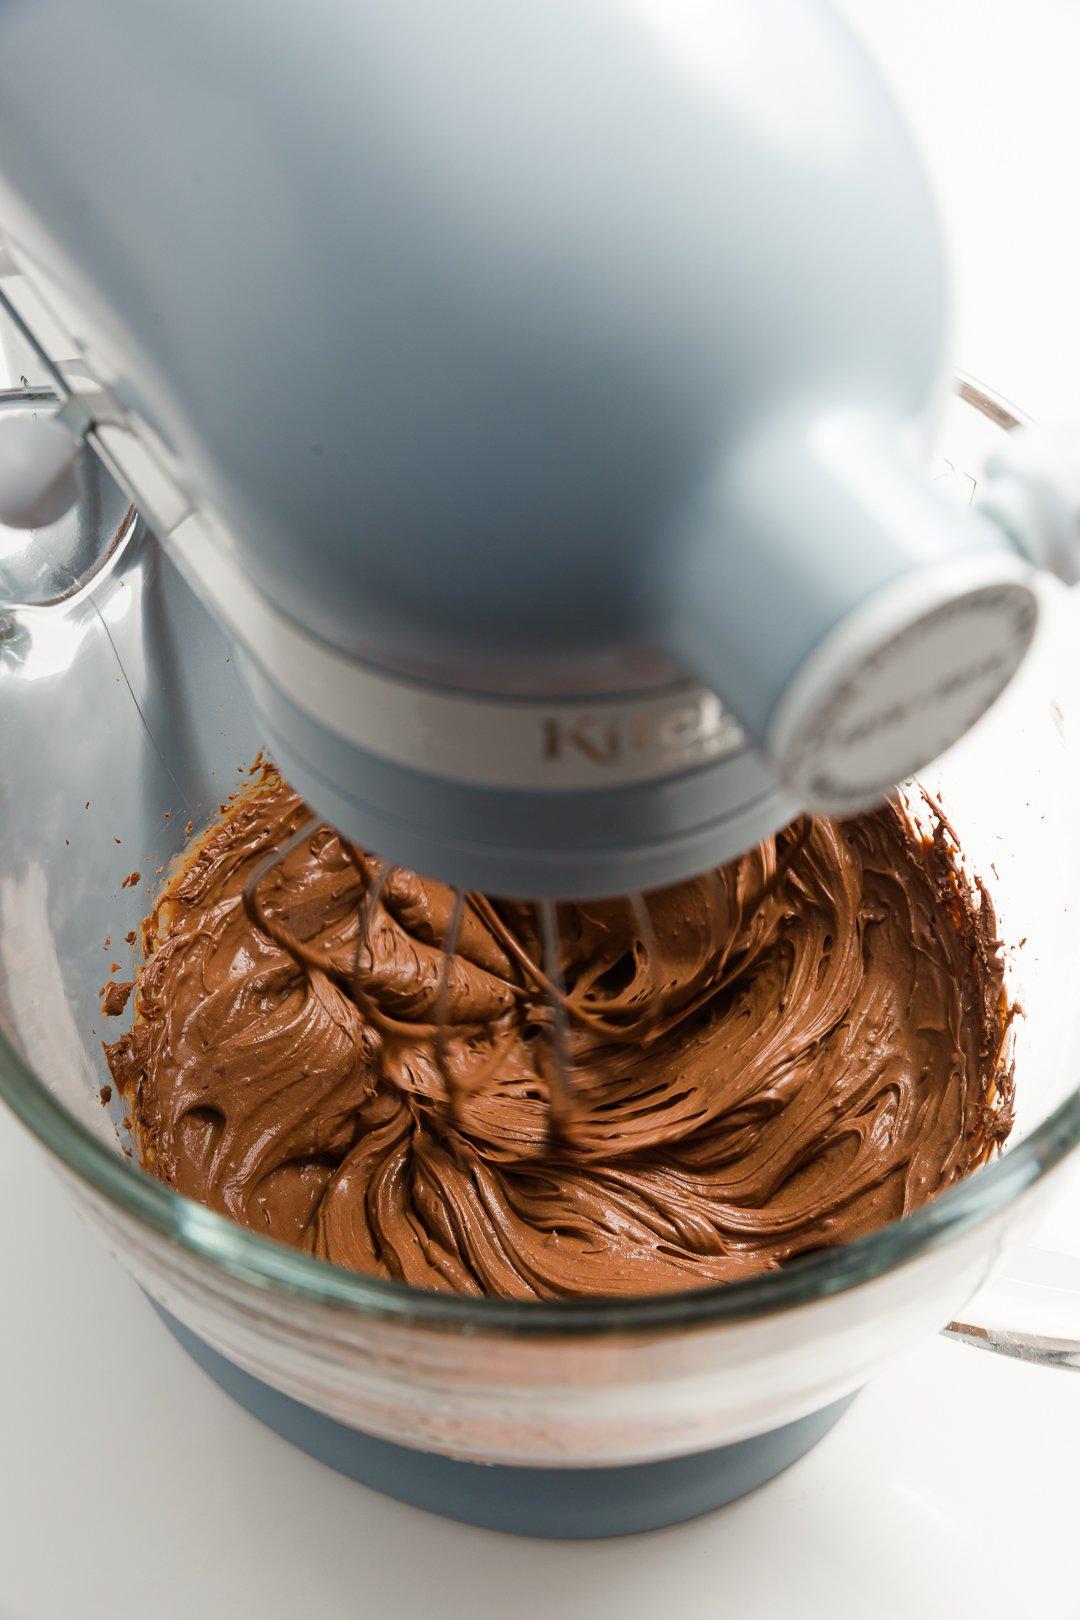 whipping chocolate ganache